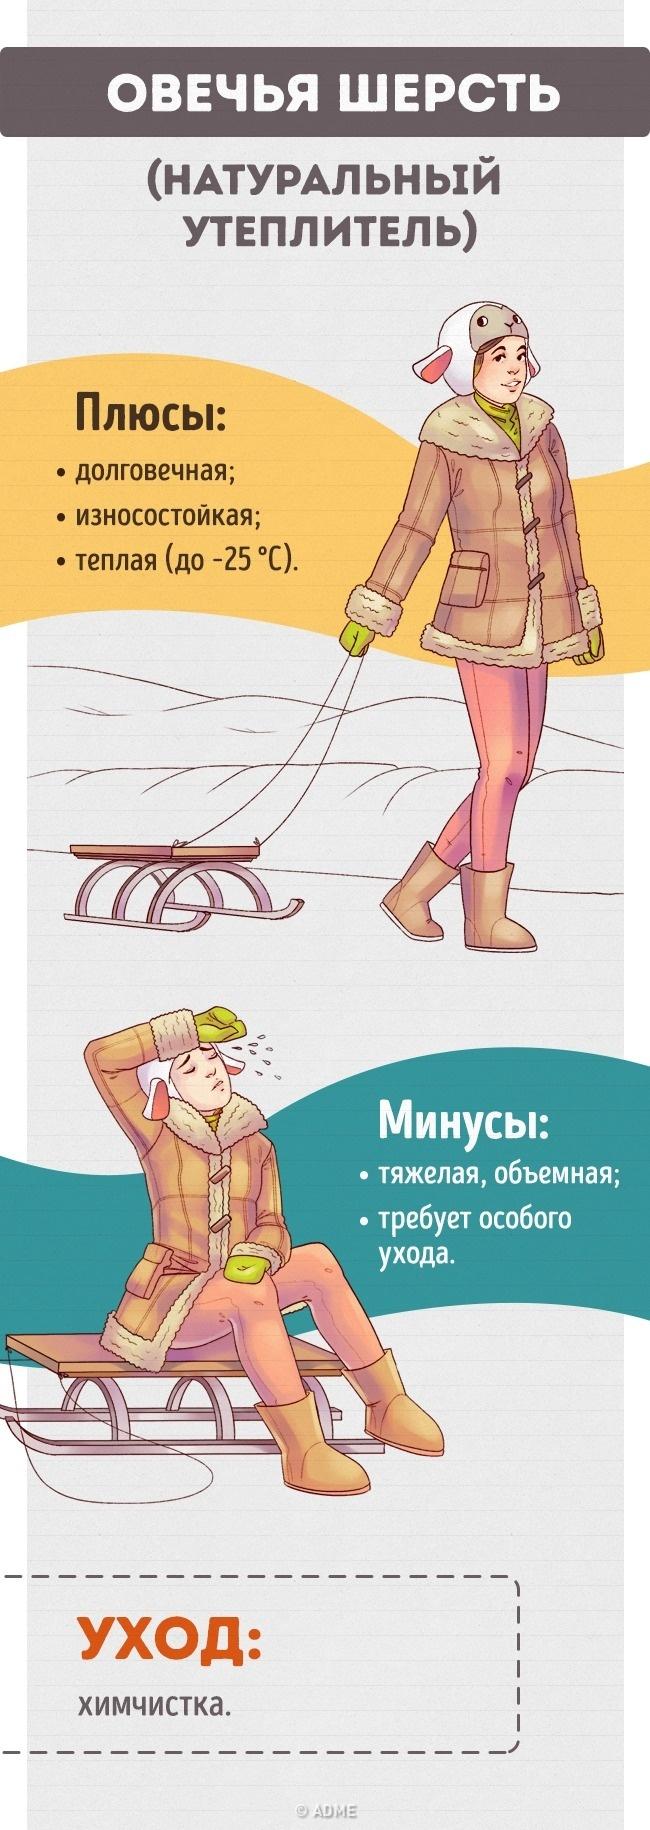 Иллюстратор Yekaterina Ragozina специально для fotojoin.ru По материалам tkanchik.ru , predator , co